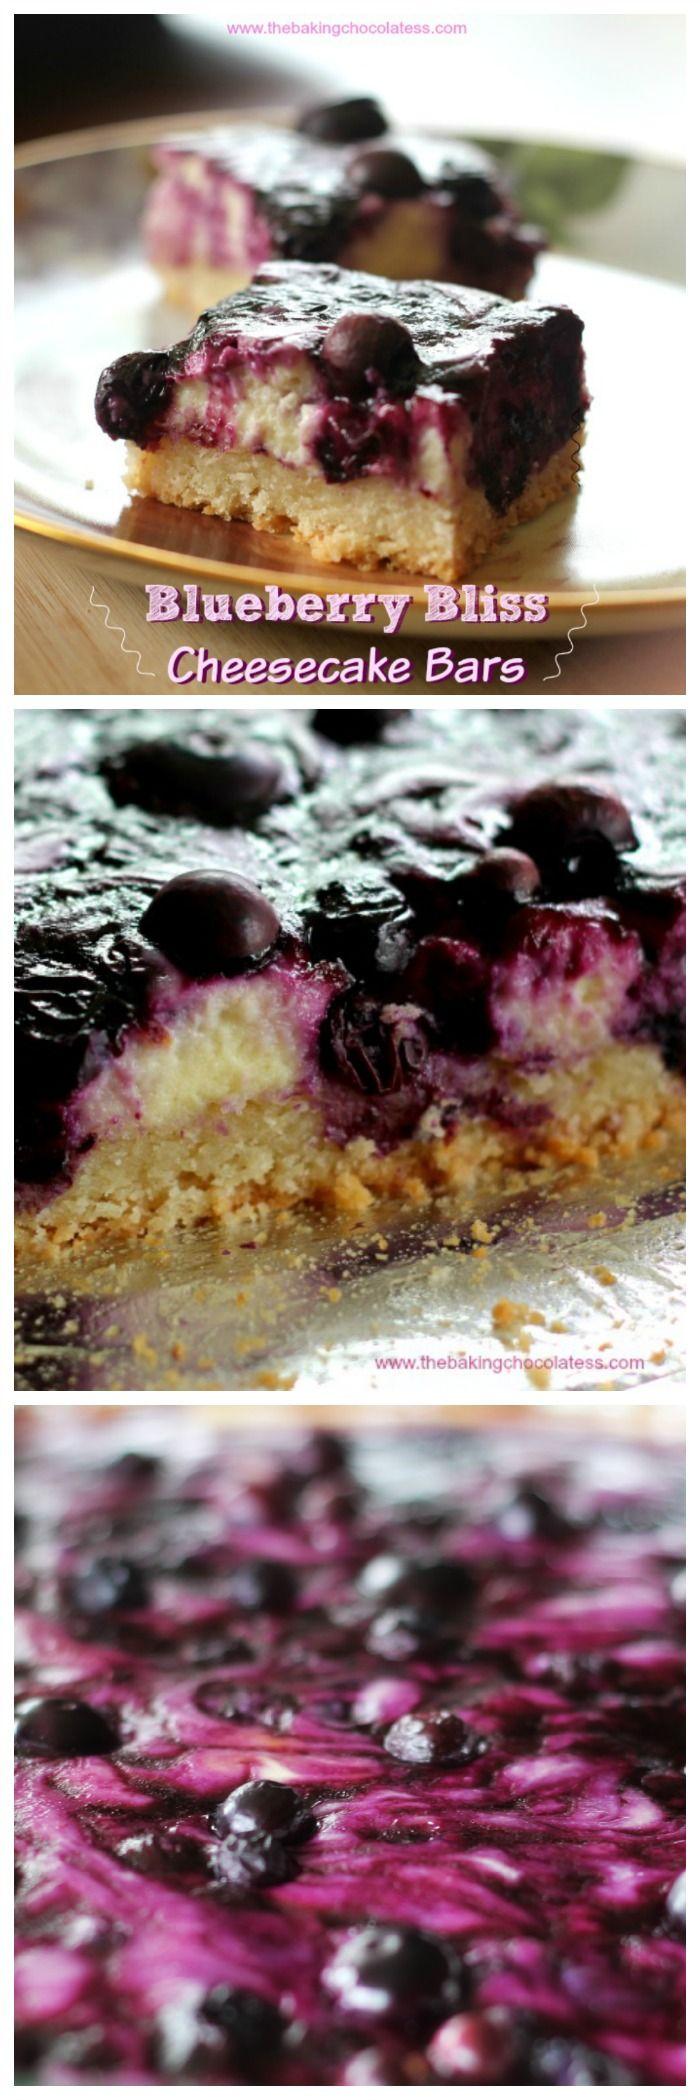 Blueberry Lemon Bliss Cheesecake Bars